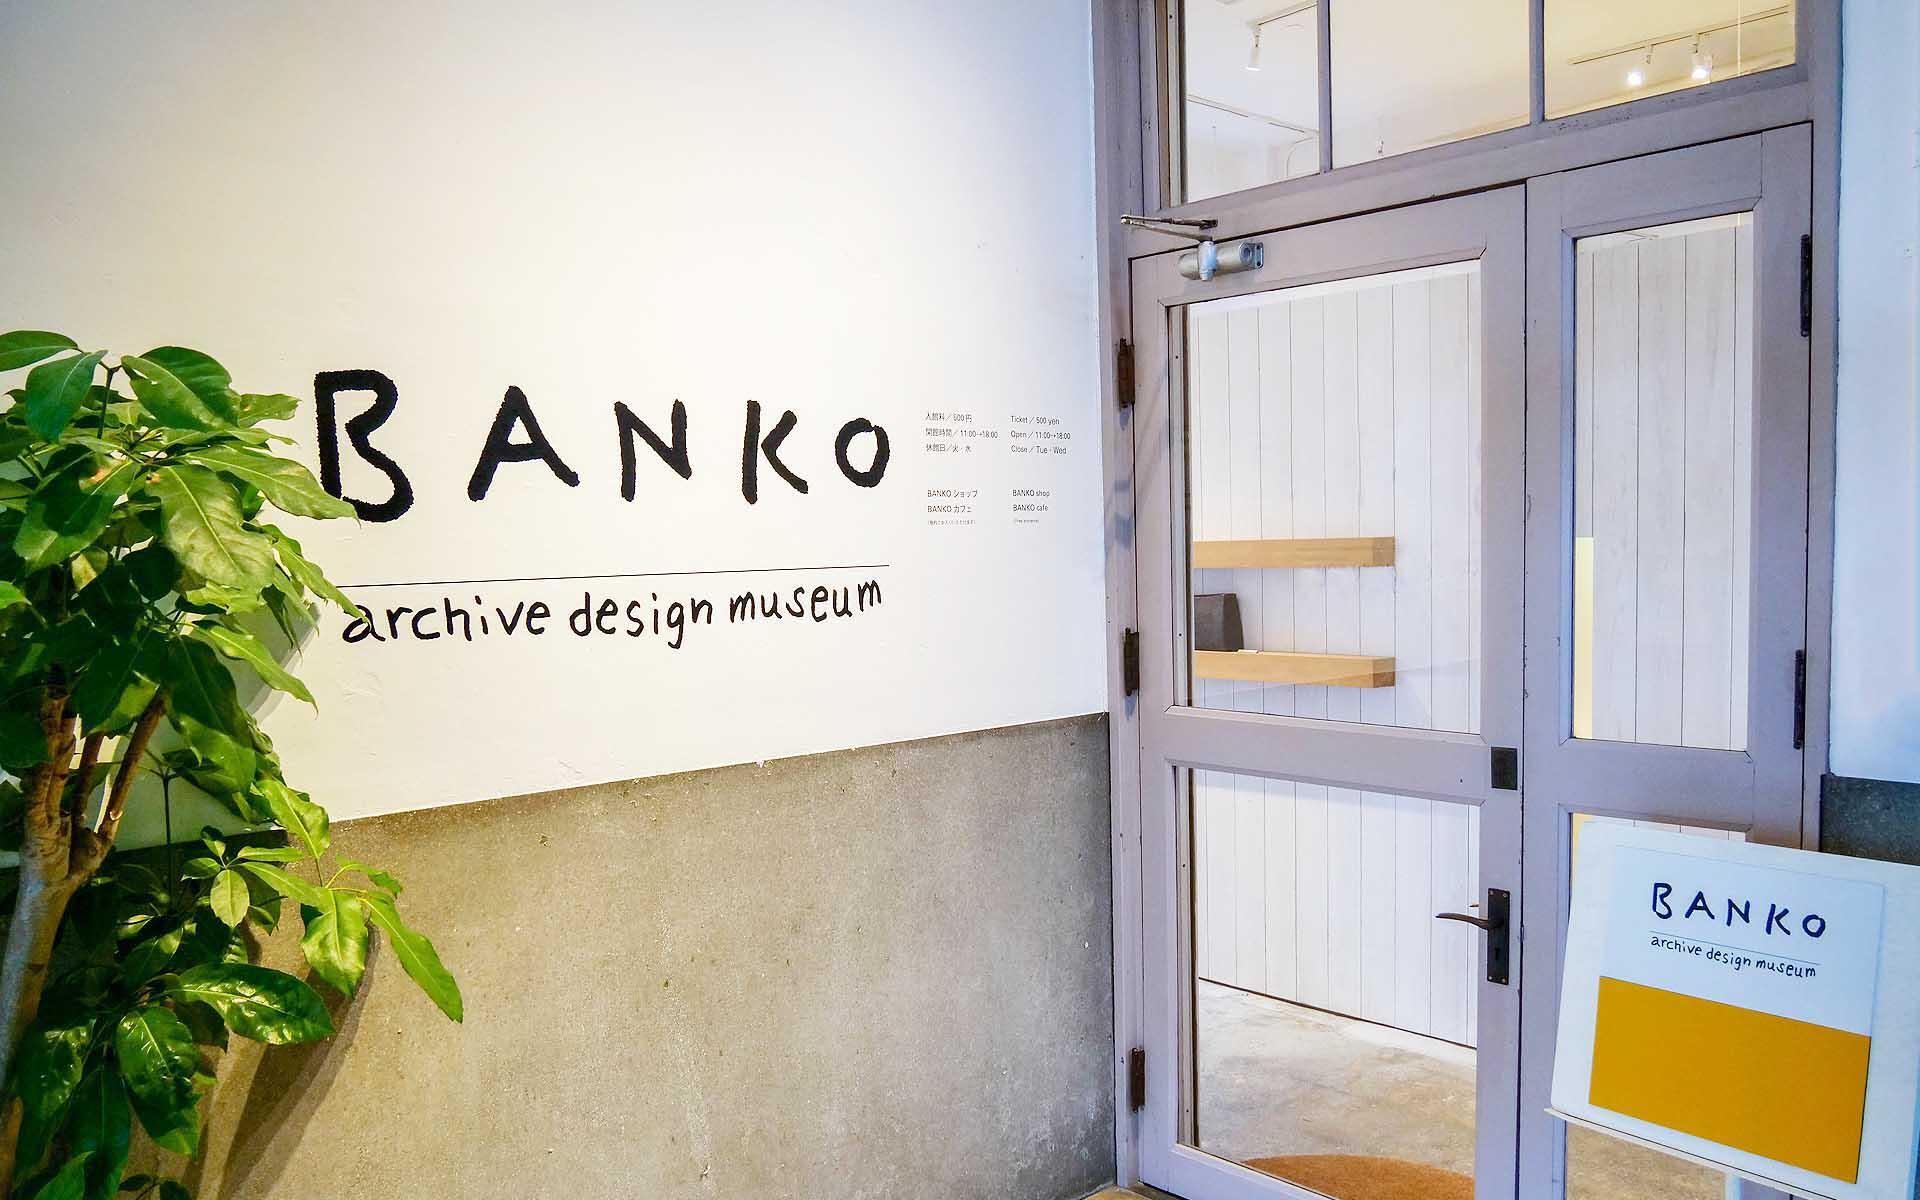 BANKO archive design museum